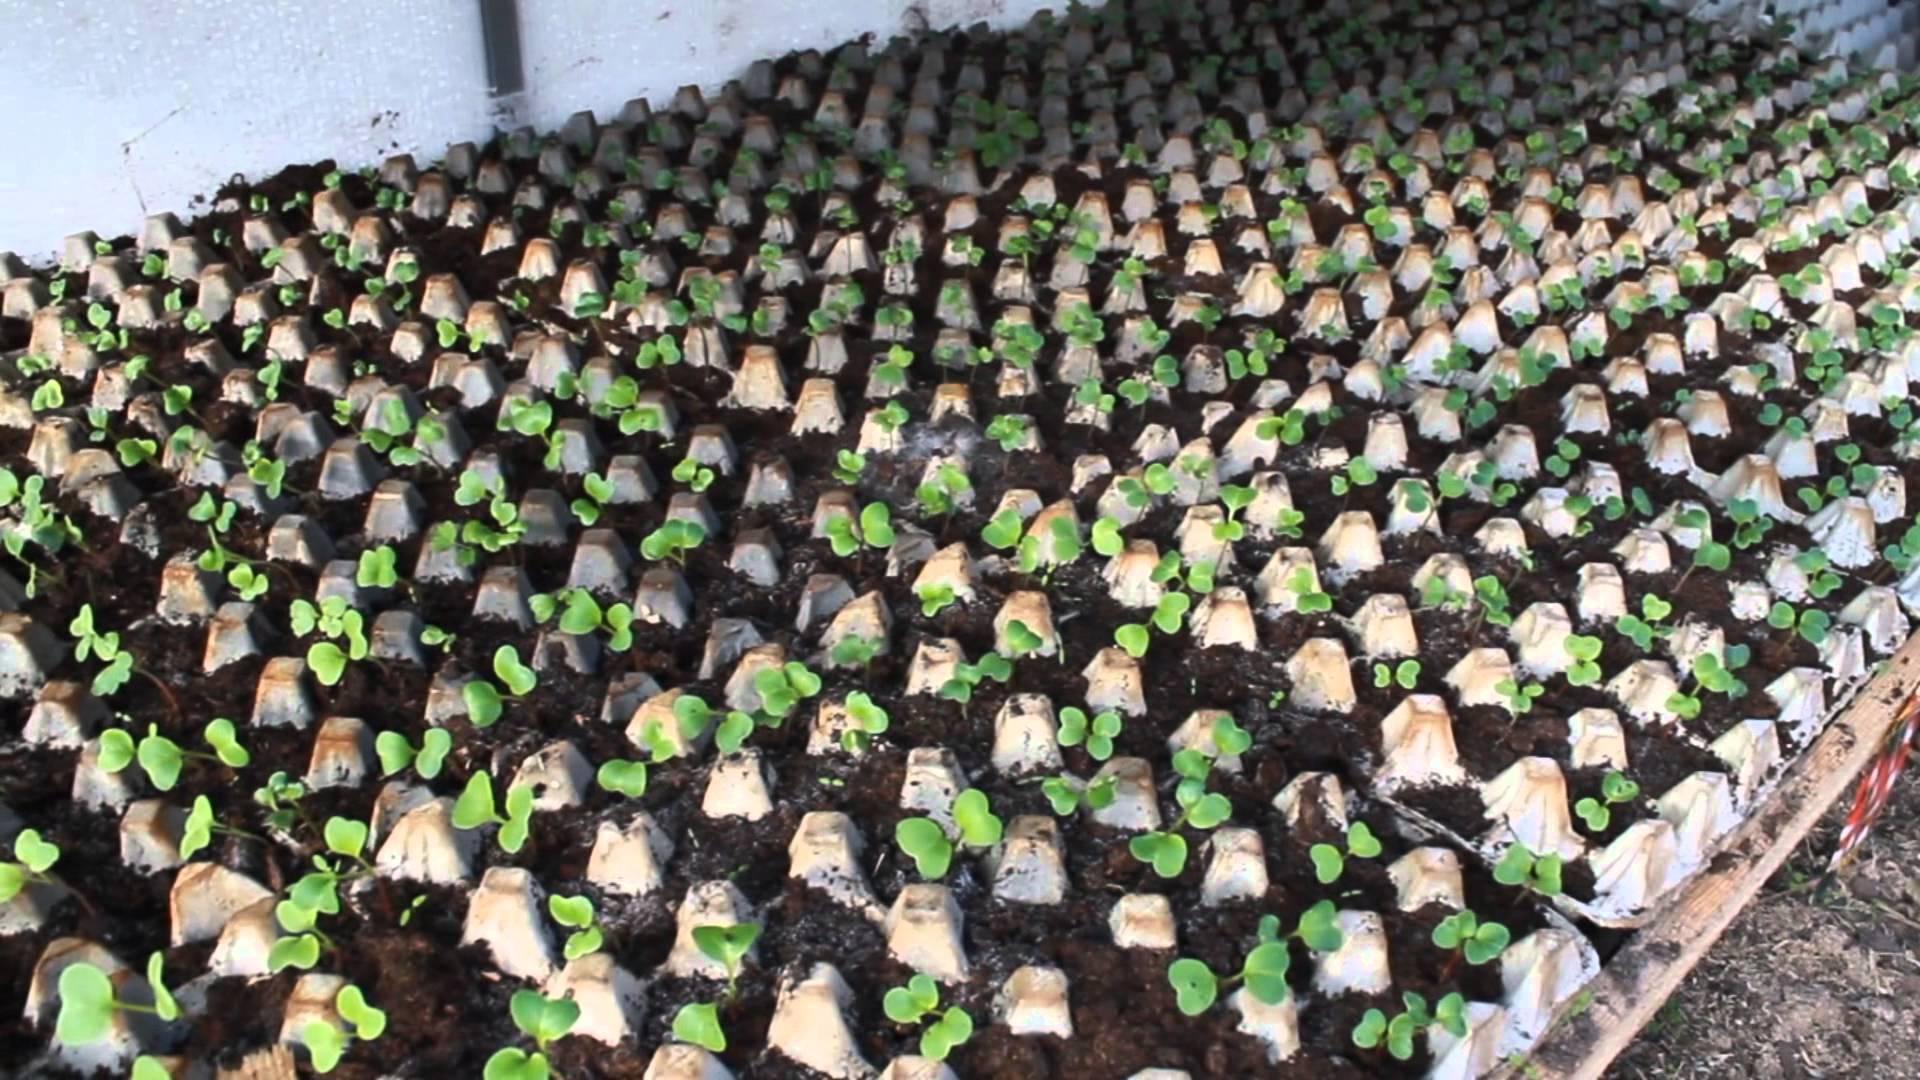 Правильная посадка редиса в ячейки из-под яиц: агротехника выращивания и ухода